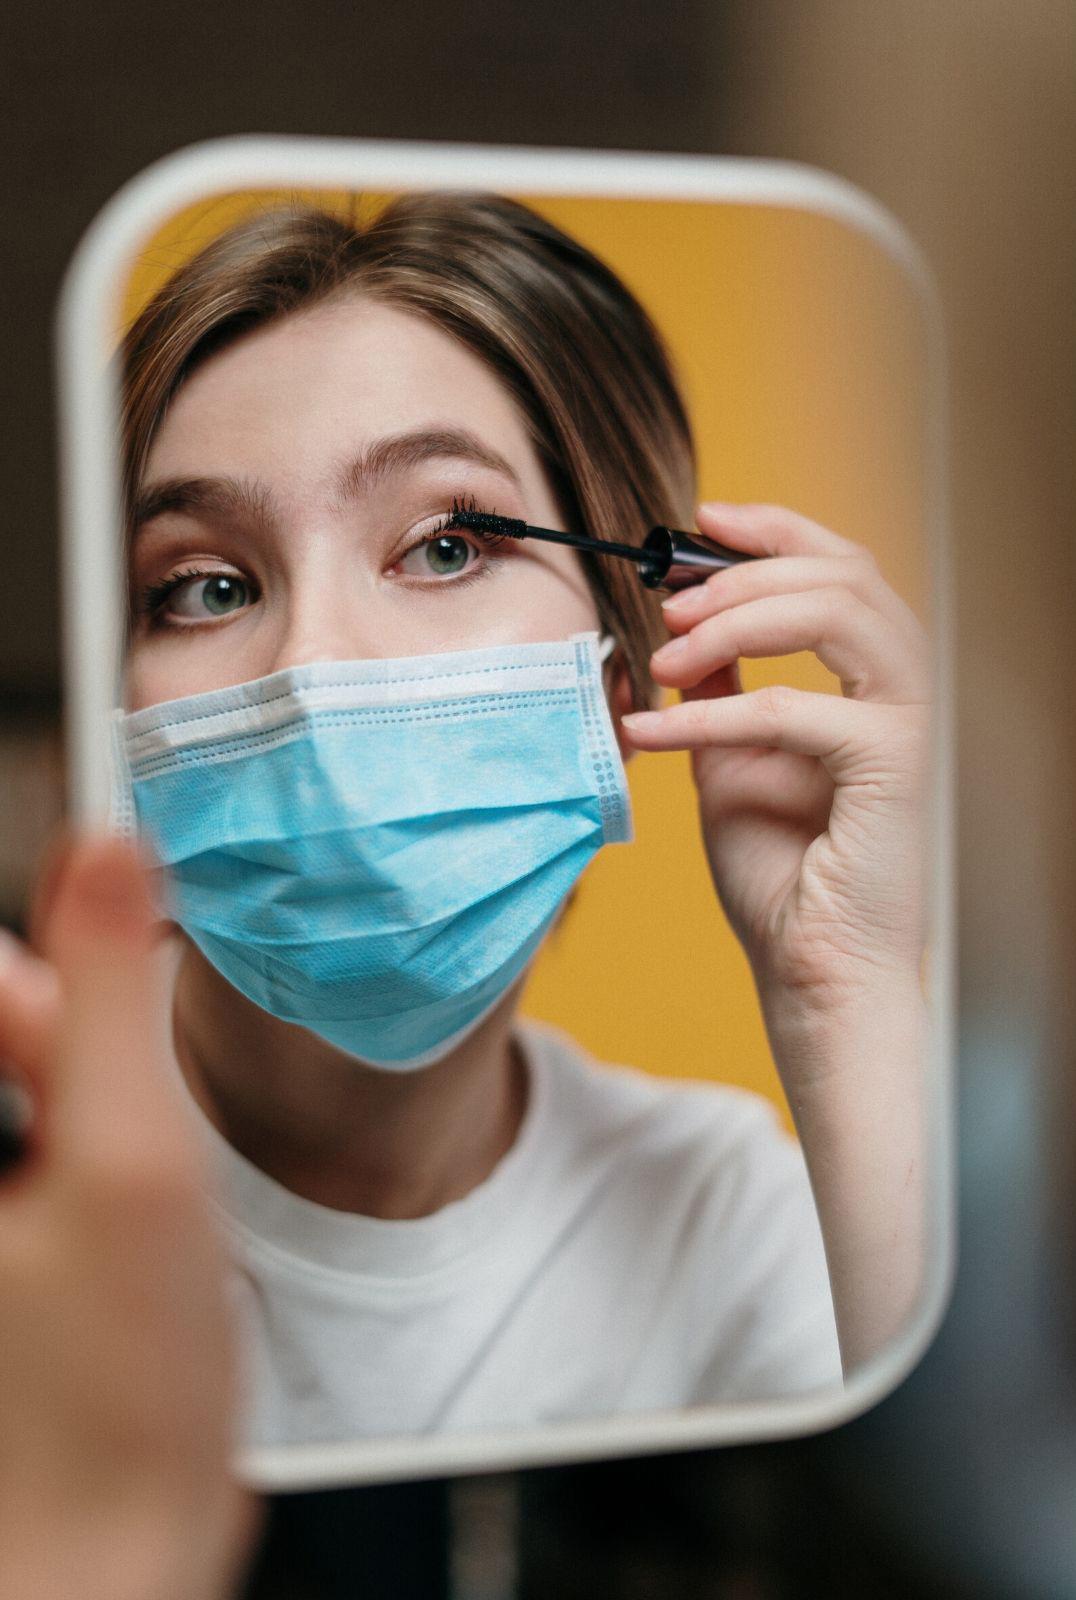 Covid-19 Safety at Beauty Salon